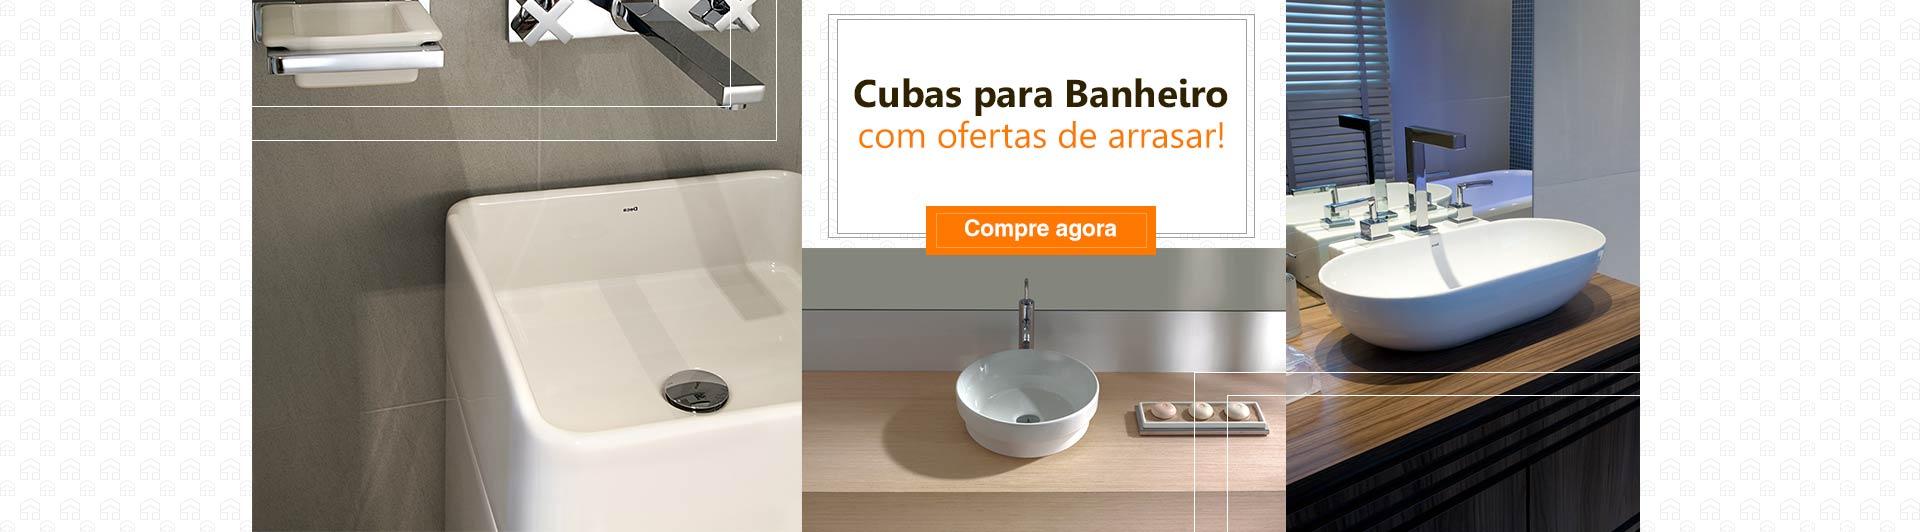 Banner - Cubas